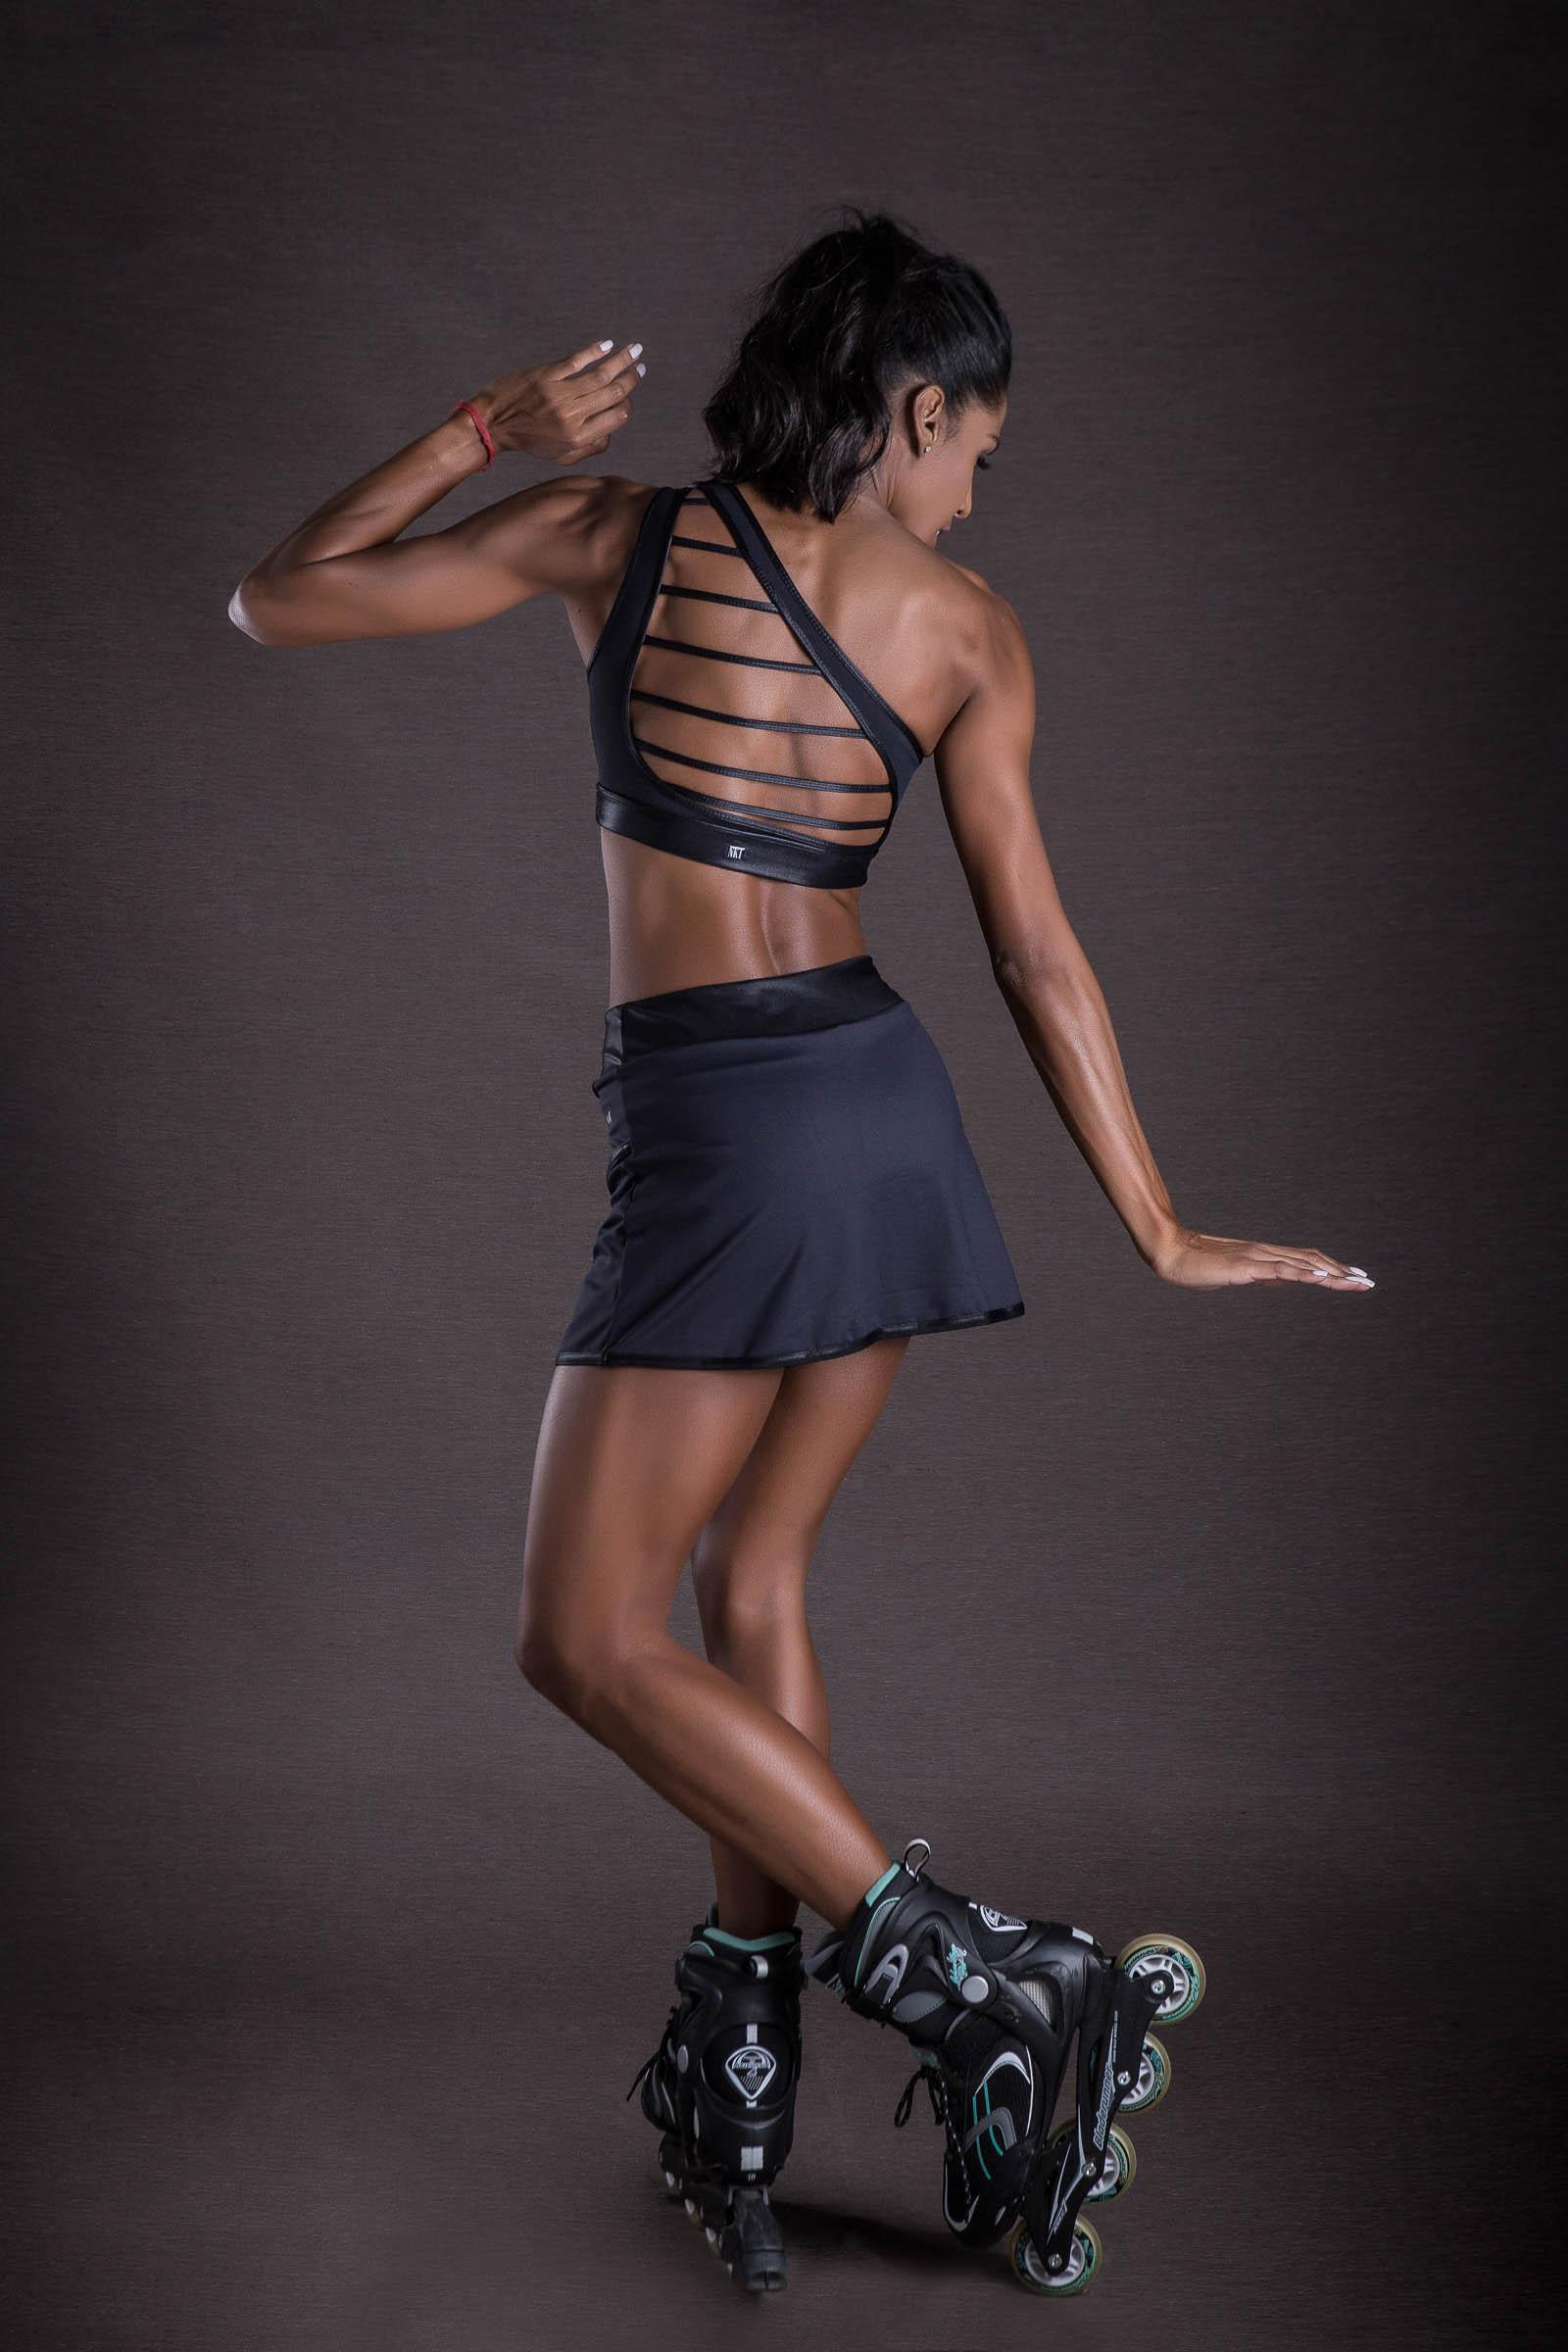 Saia Shorts Get Preto, Coleção You can - NKT Fitwear Moda Fitness